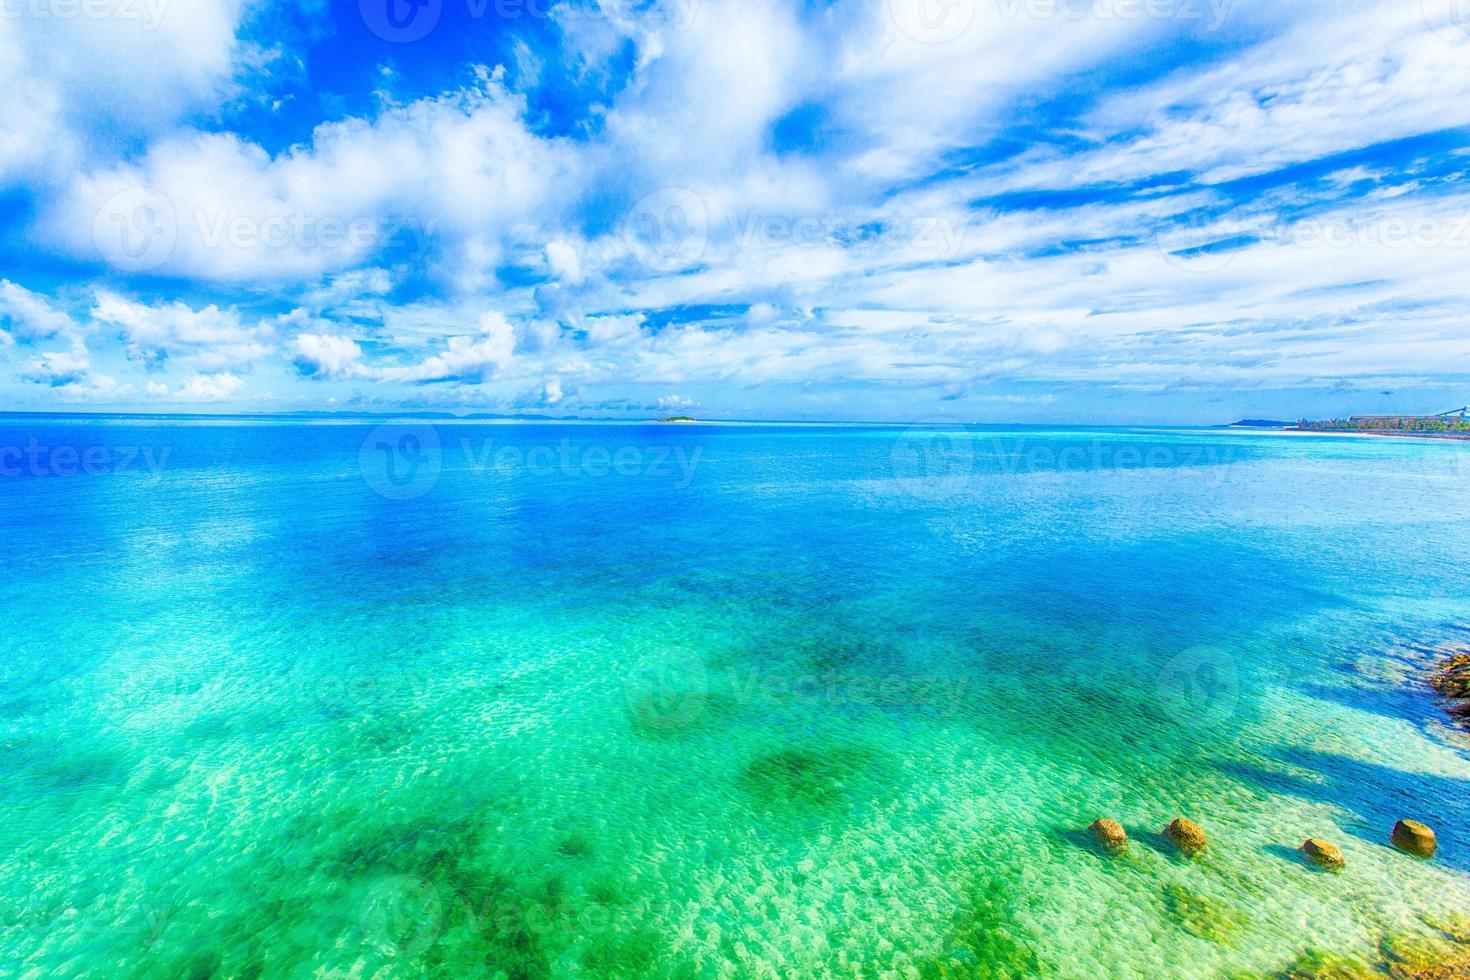 belas paisagens de brilhar céu azul e oceano em okinawa foto